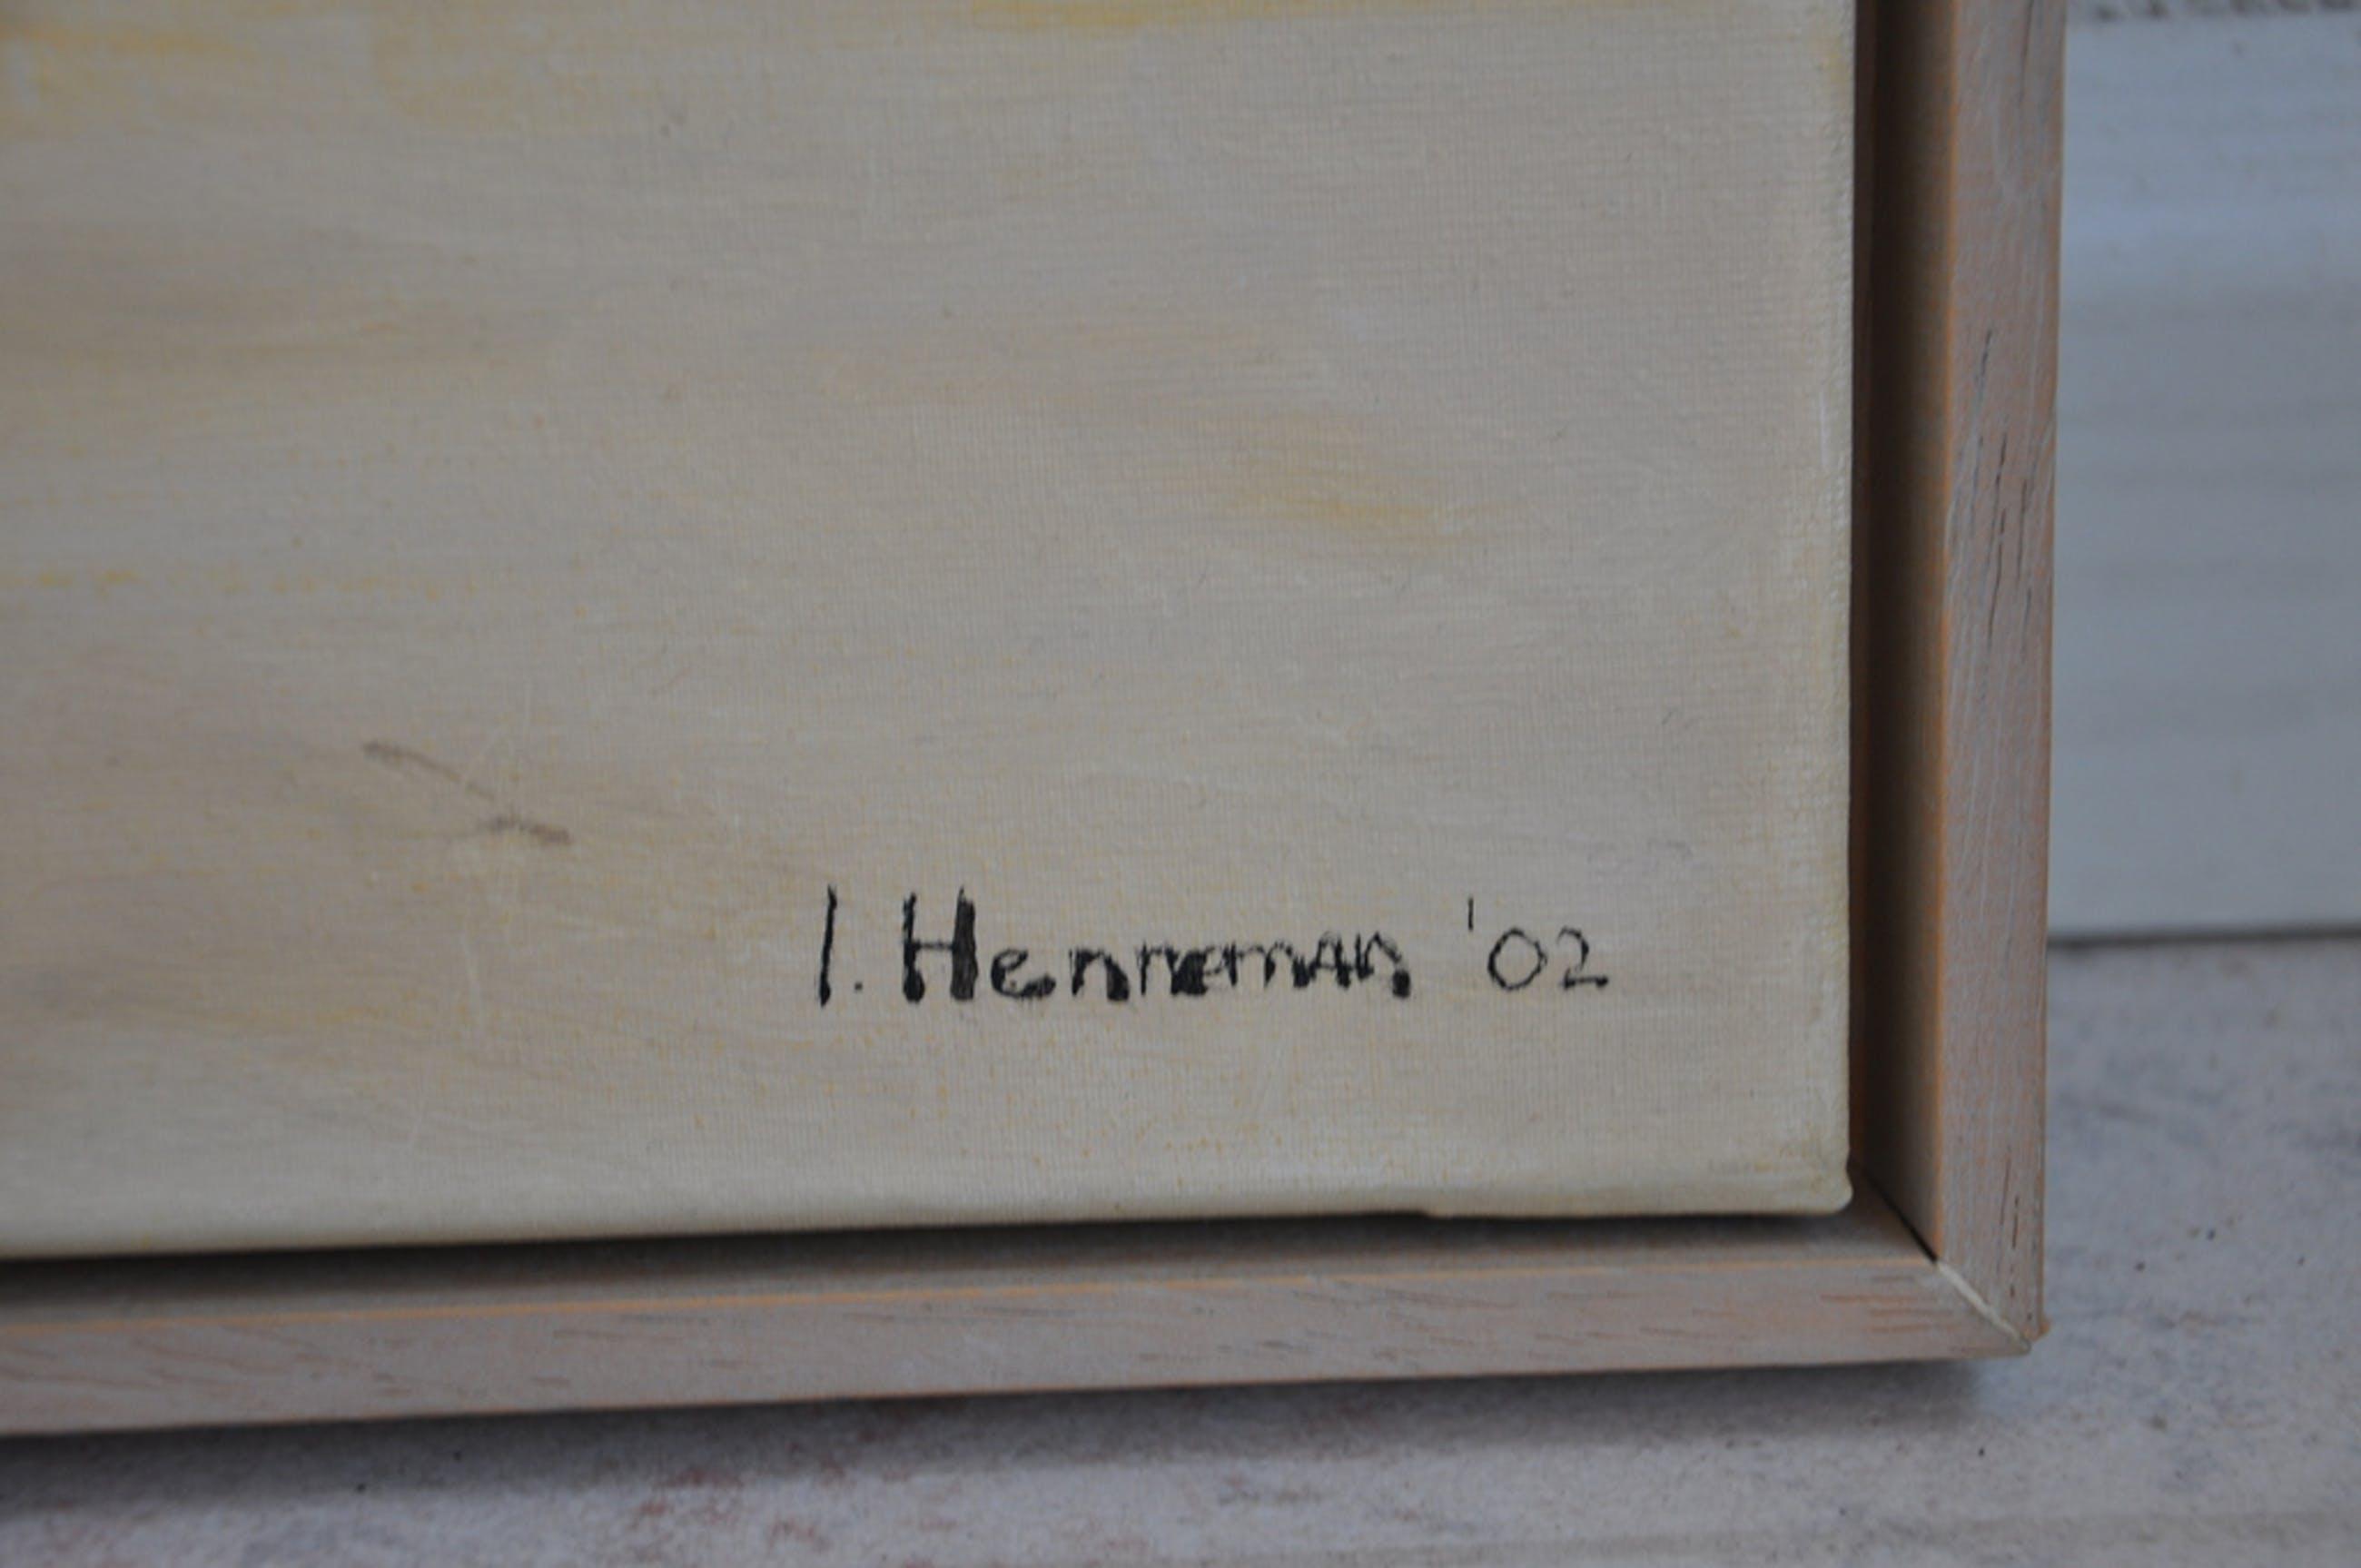 Kaapduin. Ine Henneman kopen? Bied vanaf 129!